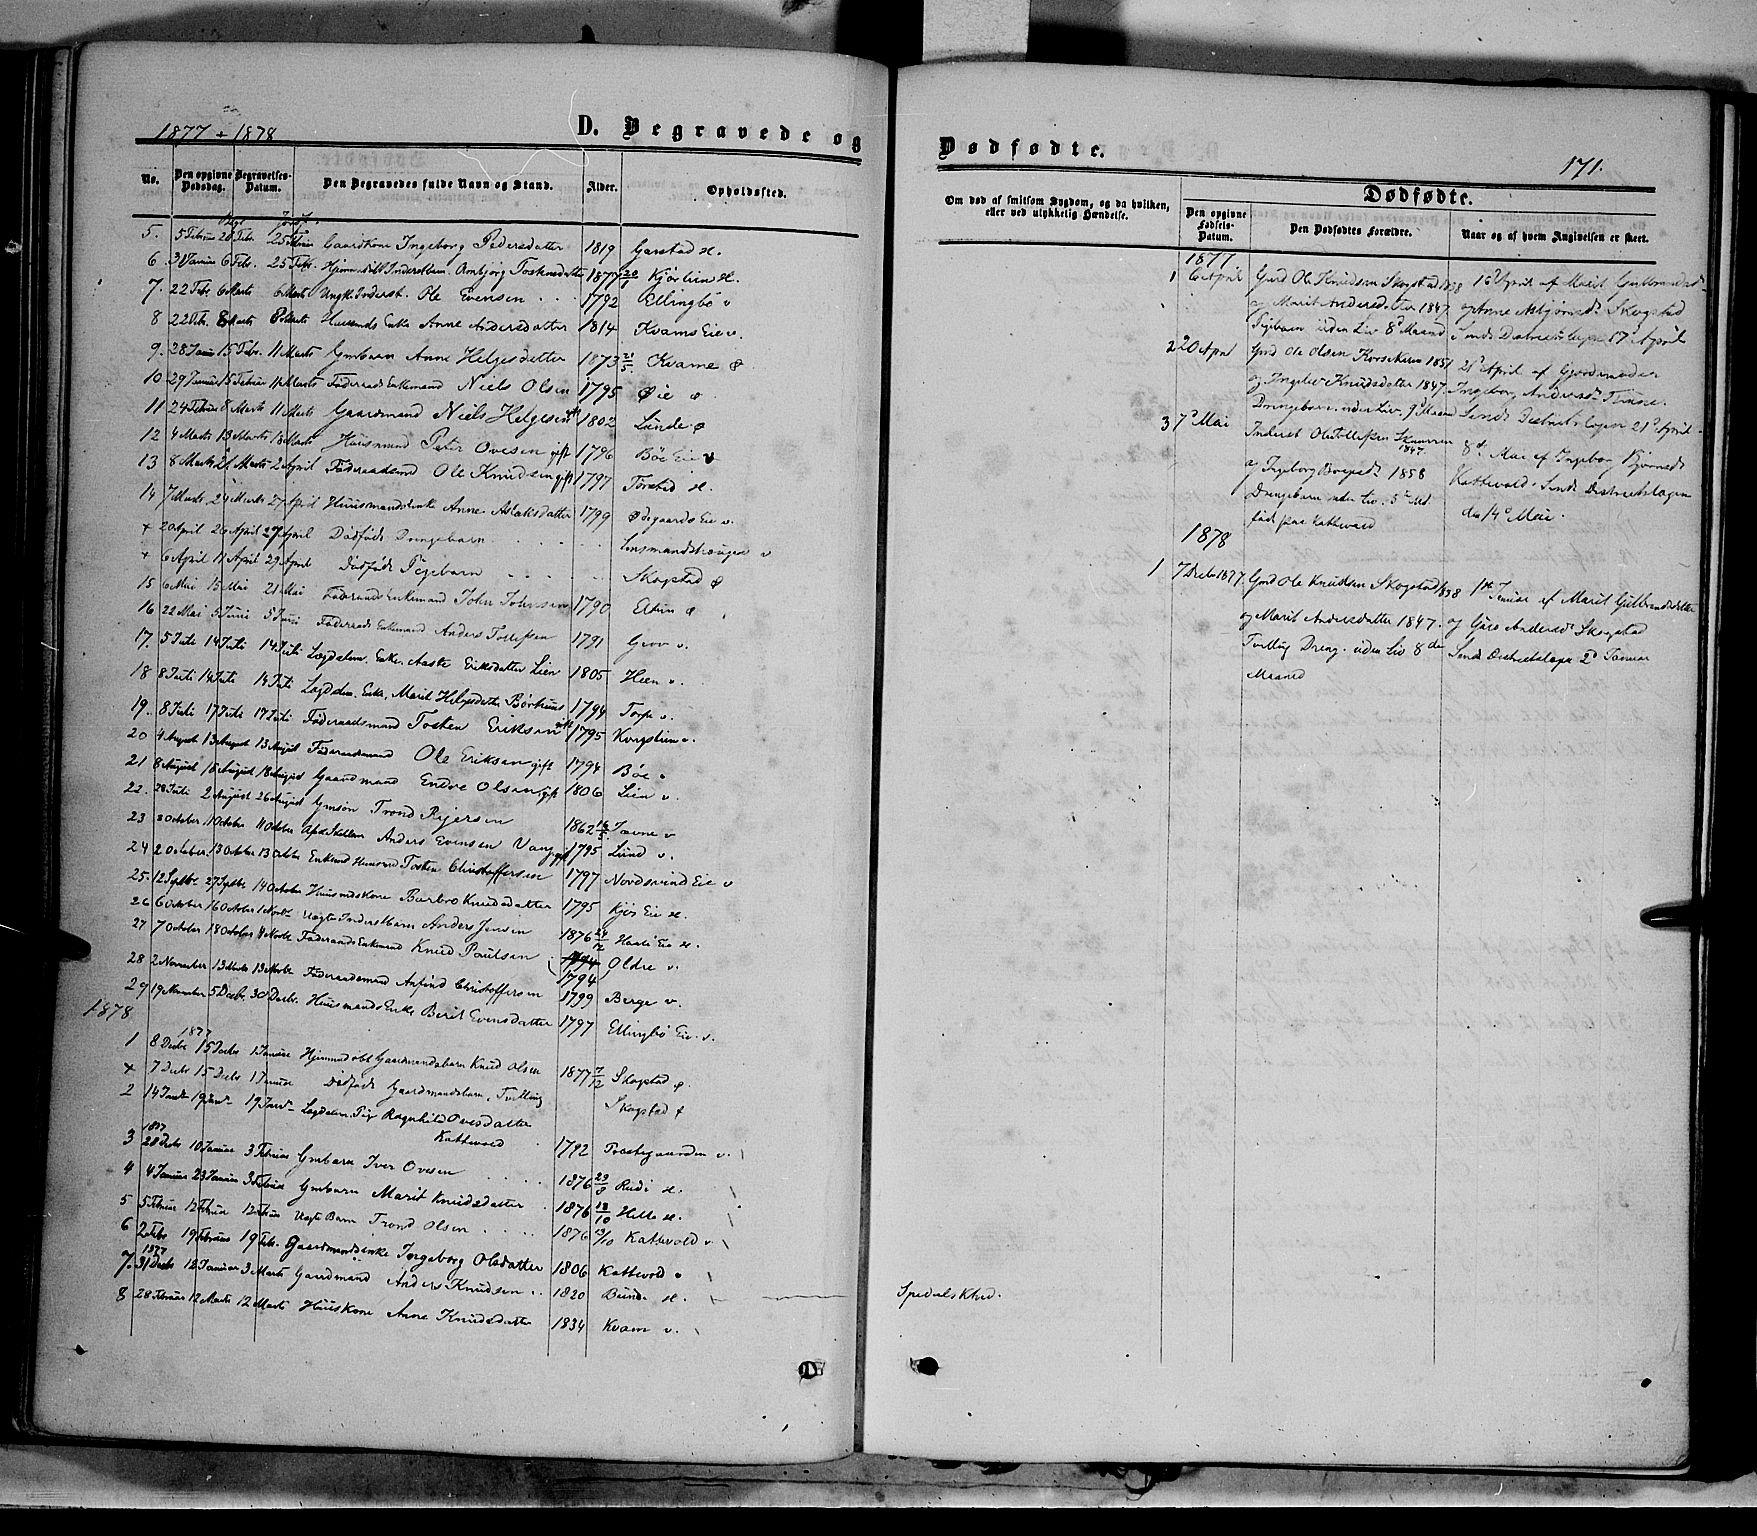 SAH, Vang prestekontor, Valdres, Ministerialbok nr. 7, 1865-1881, s. 171